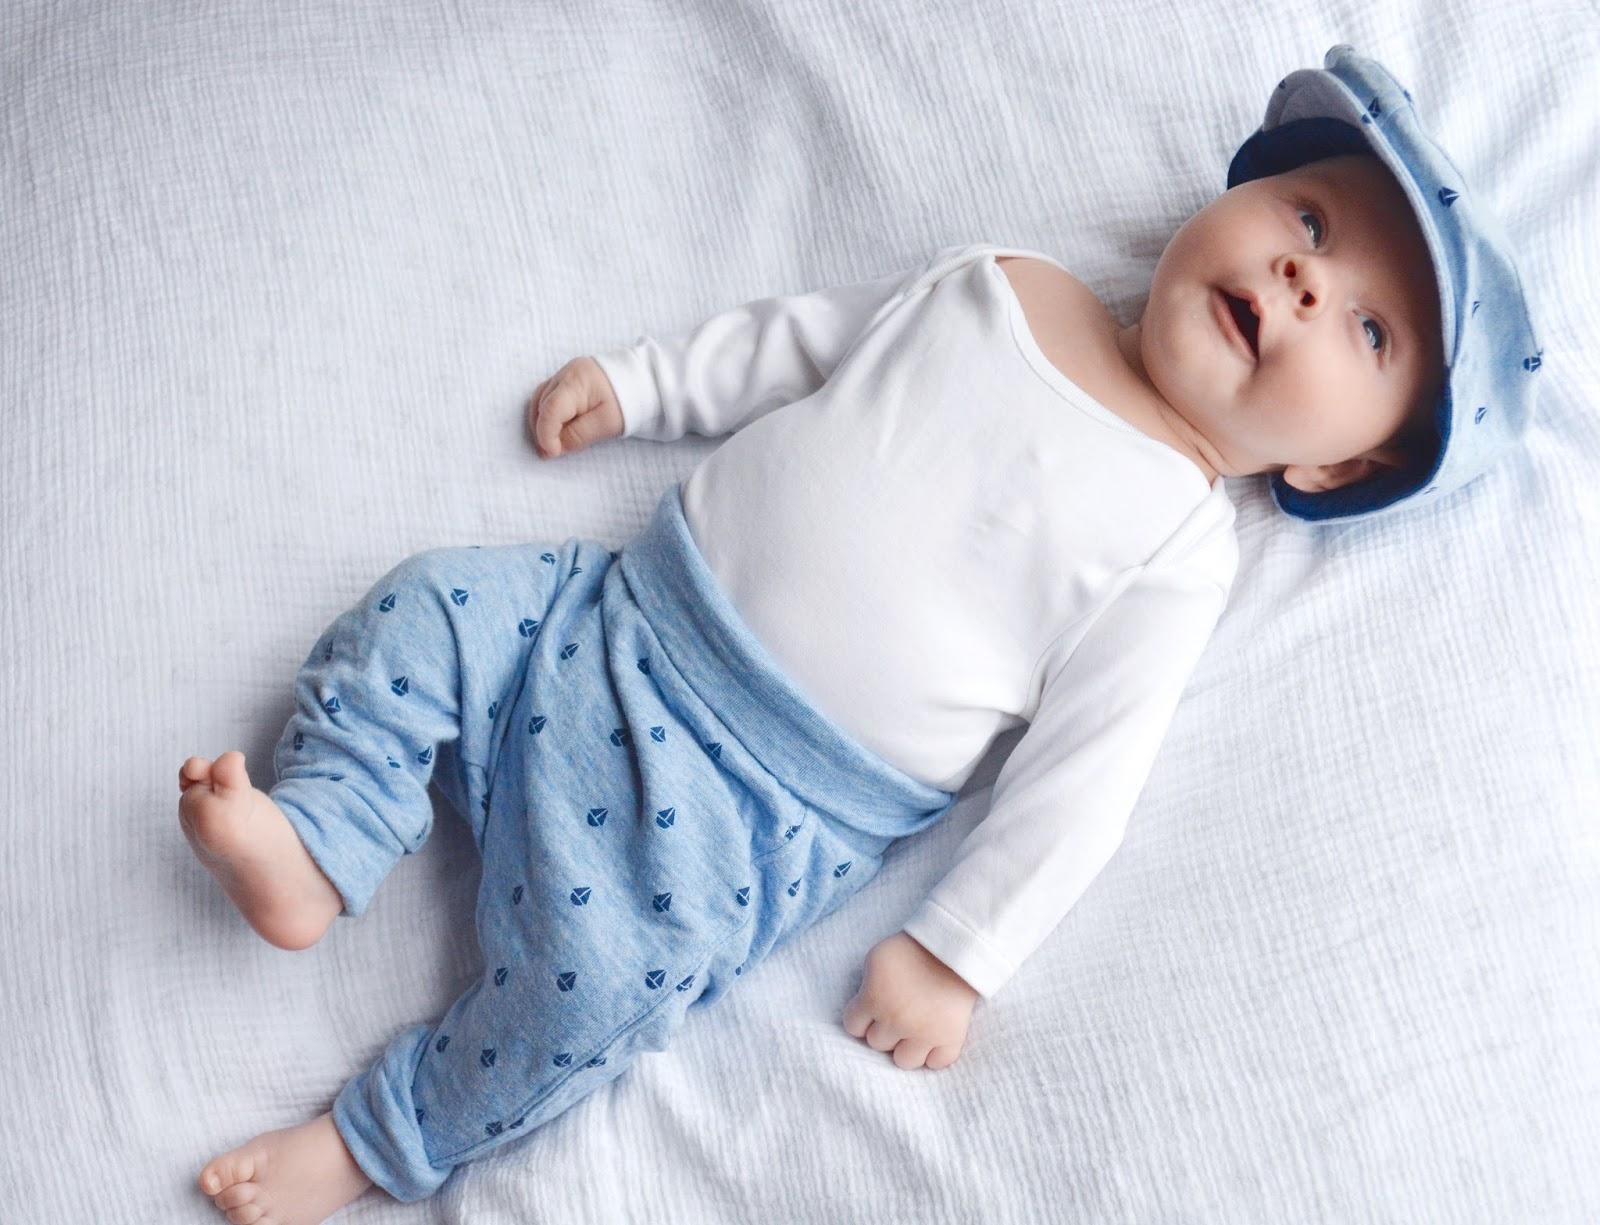 Фото новорожденных детей вещей